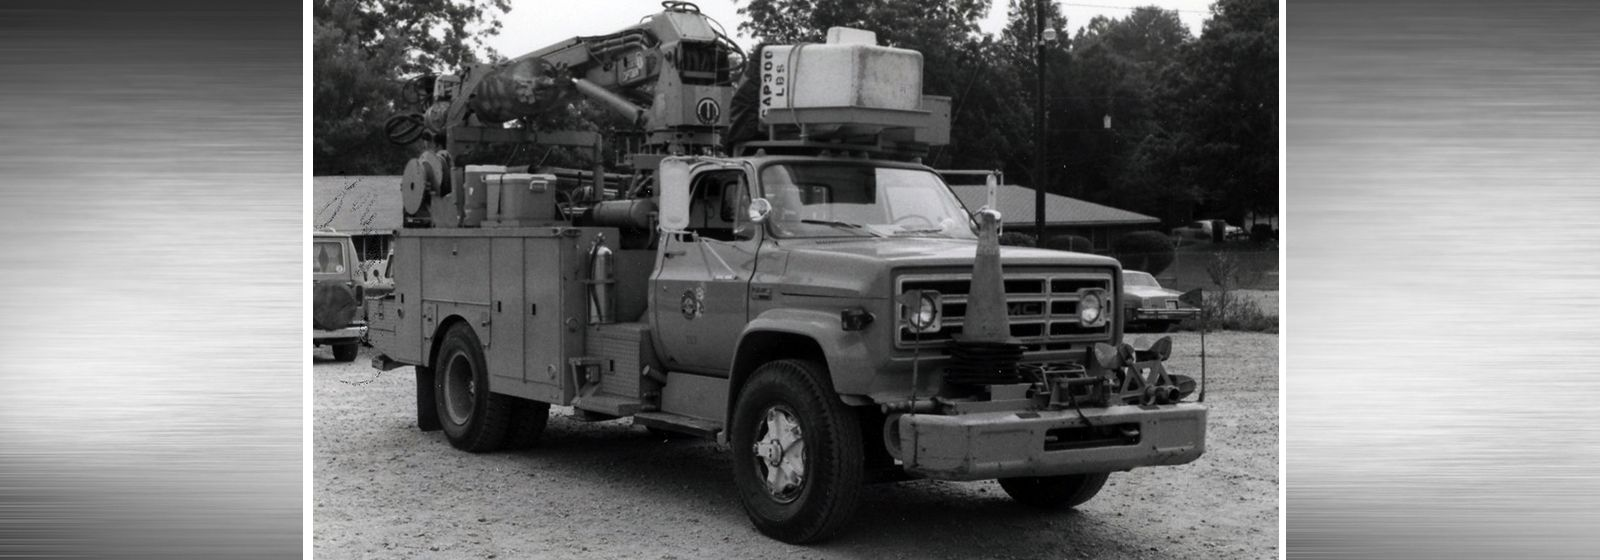 Retro photos: Vintage trucks